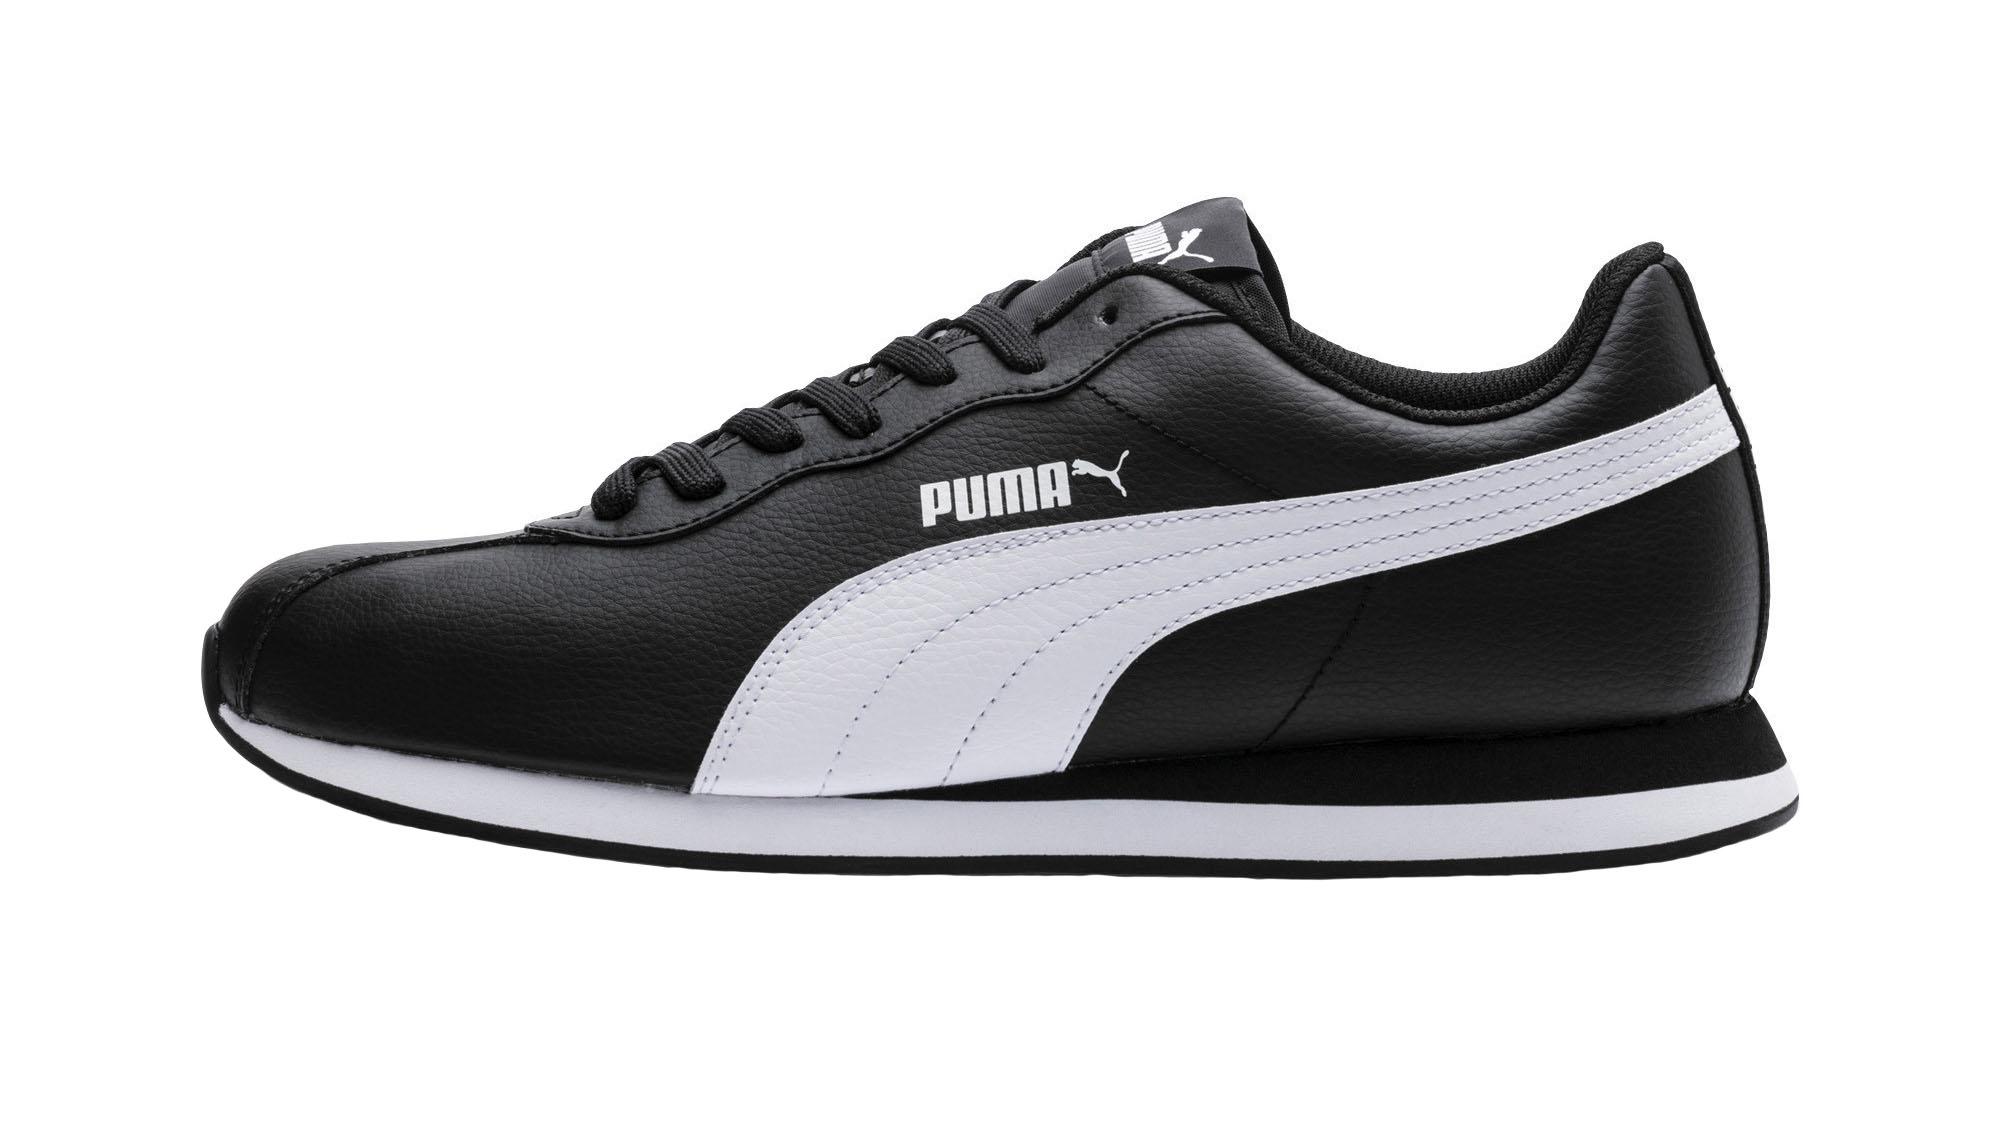 Кроссовки Puma Puma Turin II, black/white, 8.5 UK фото